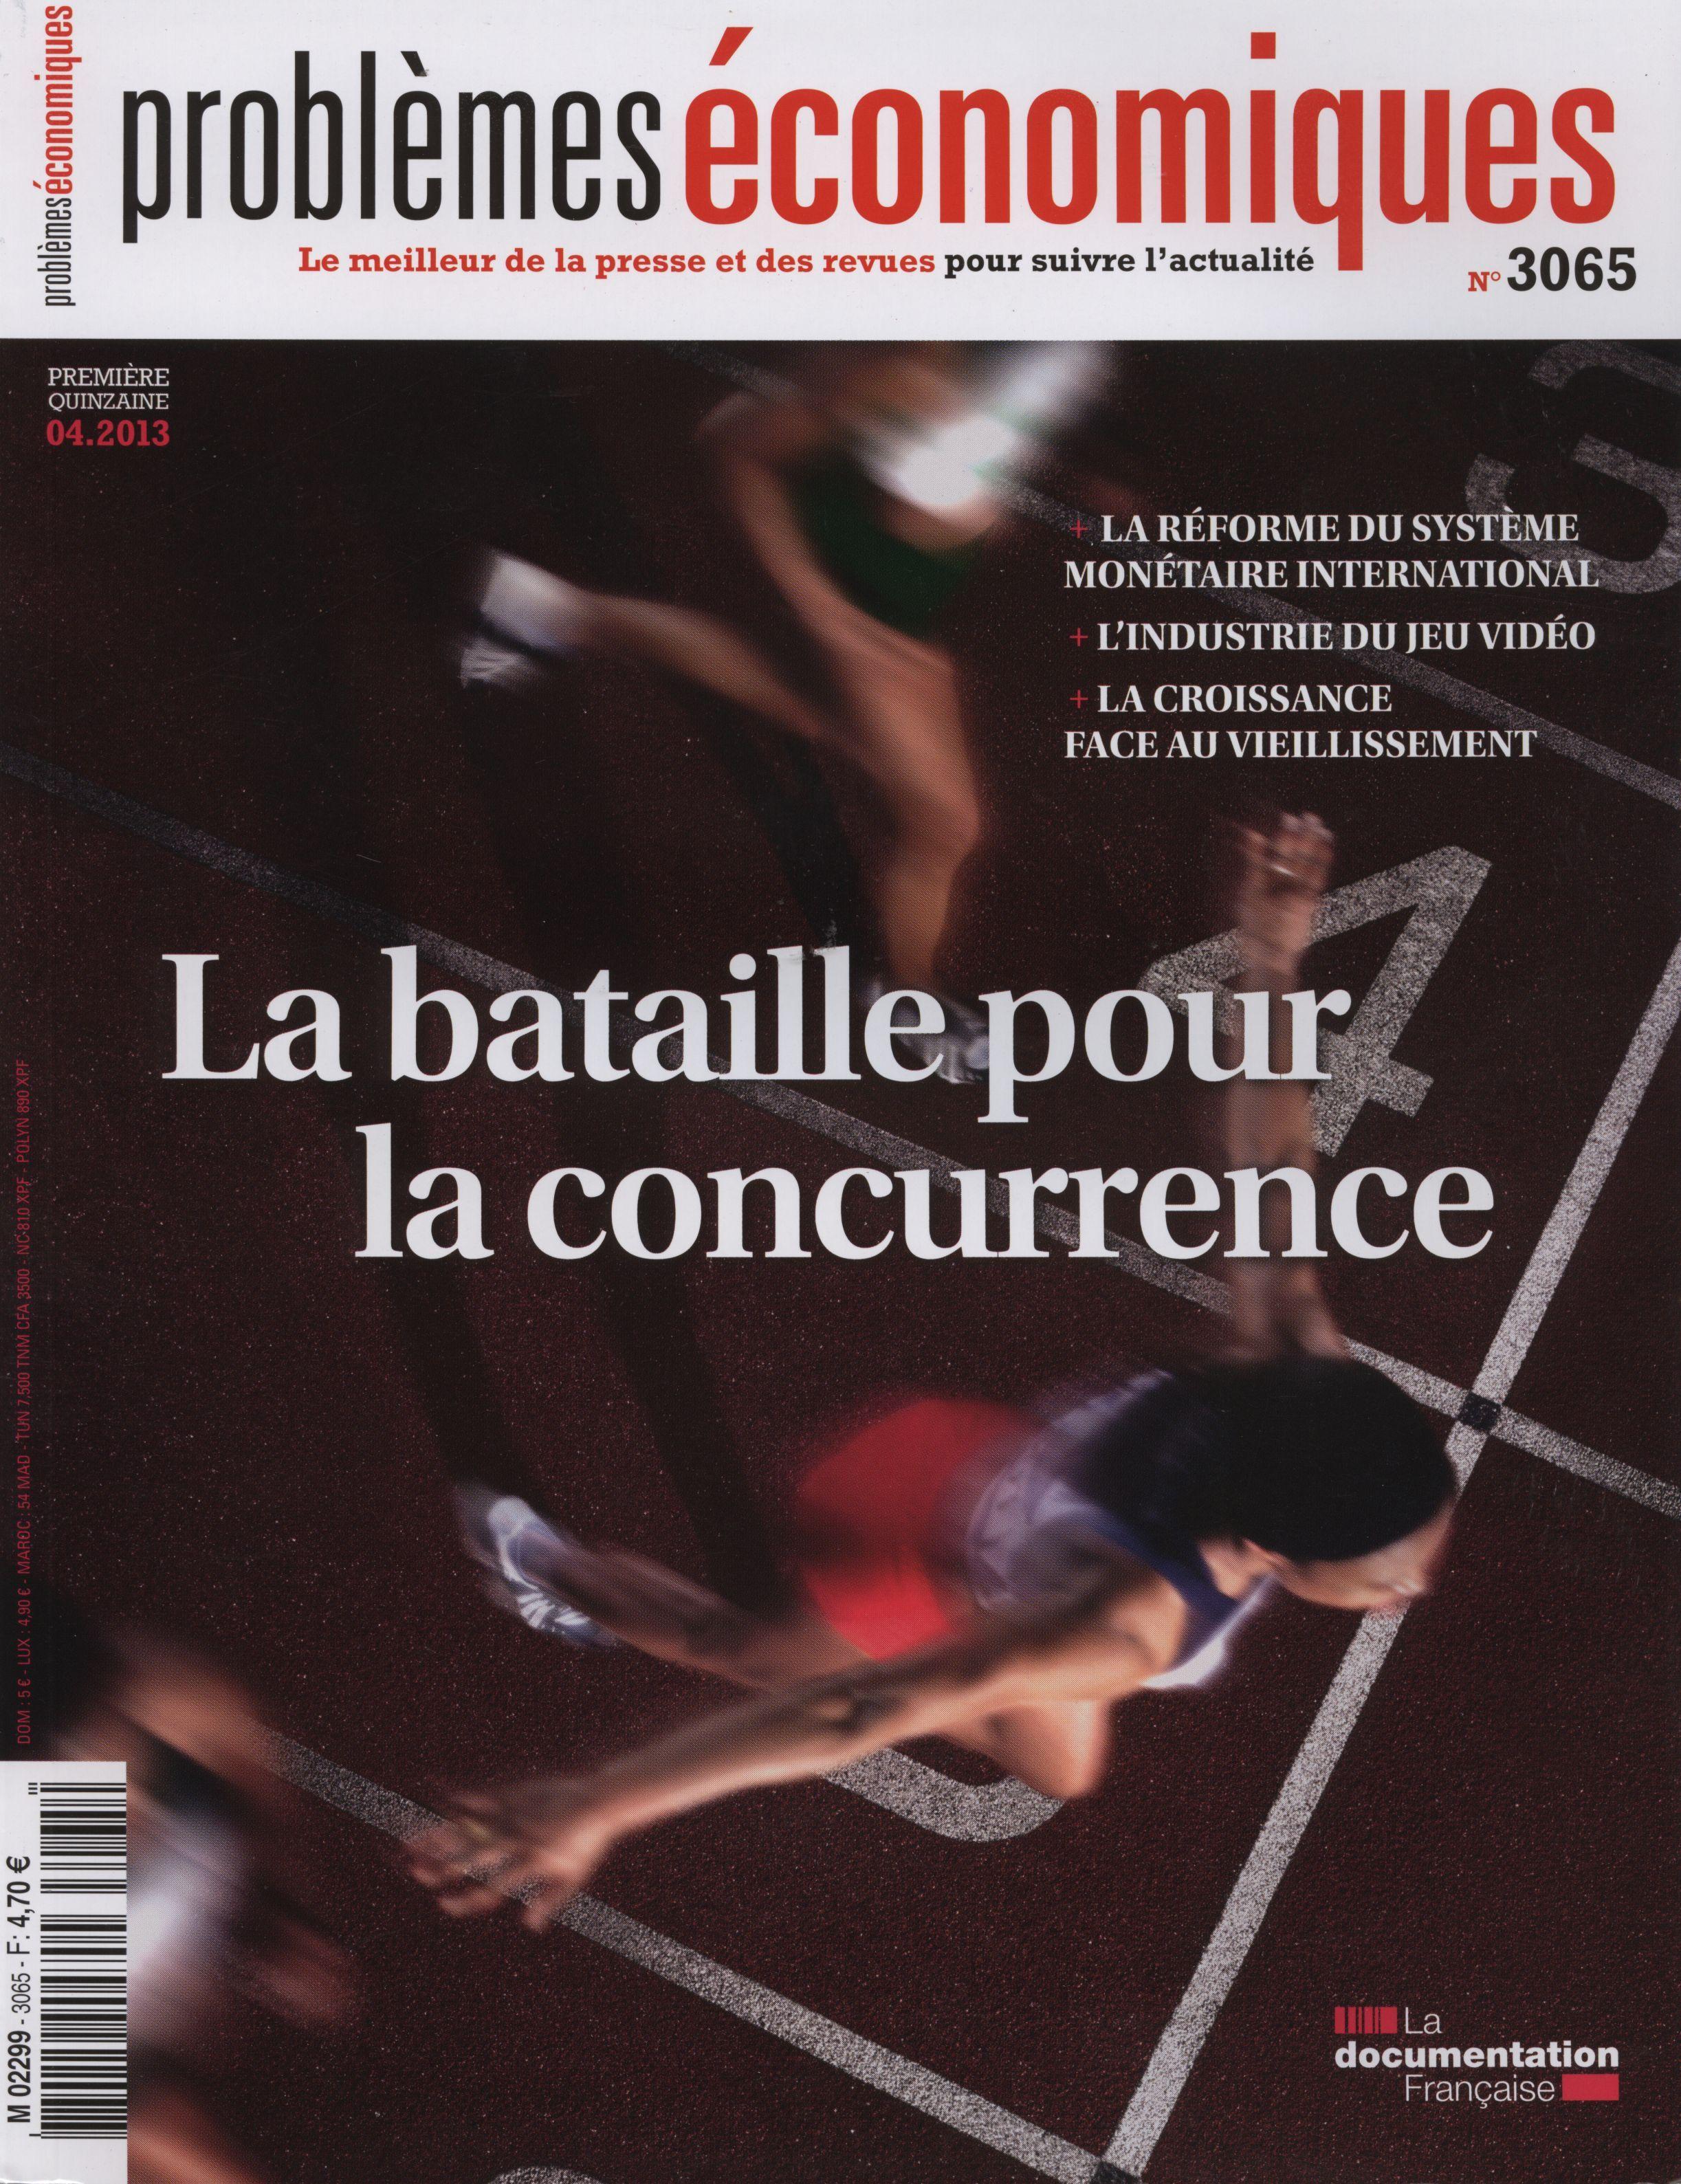 LA BATAILLE POUR LA CONCURRENCE - PE N 3065 - 04/2013